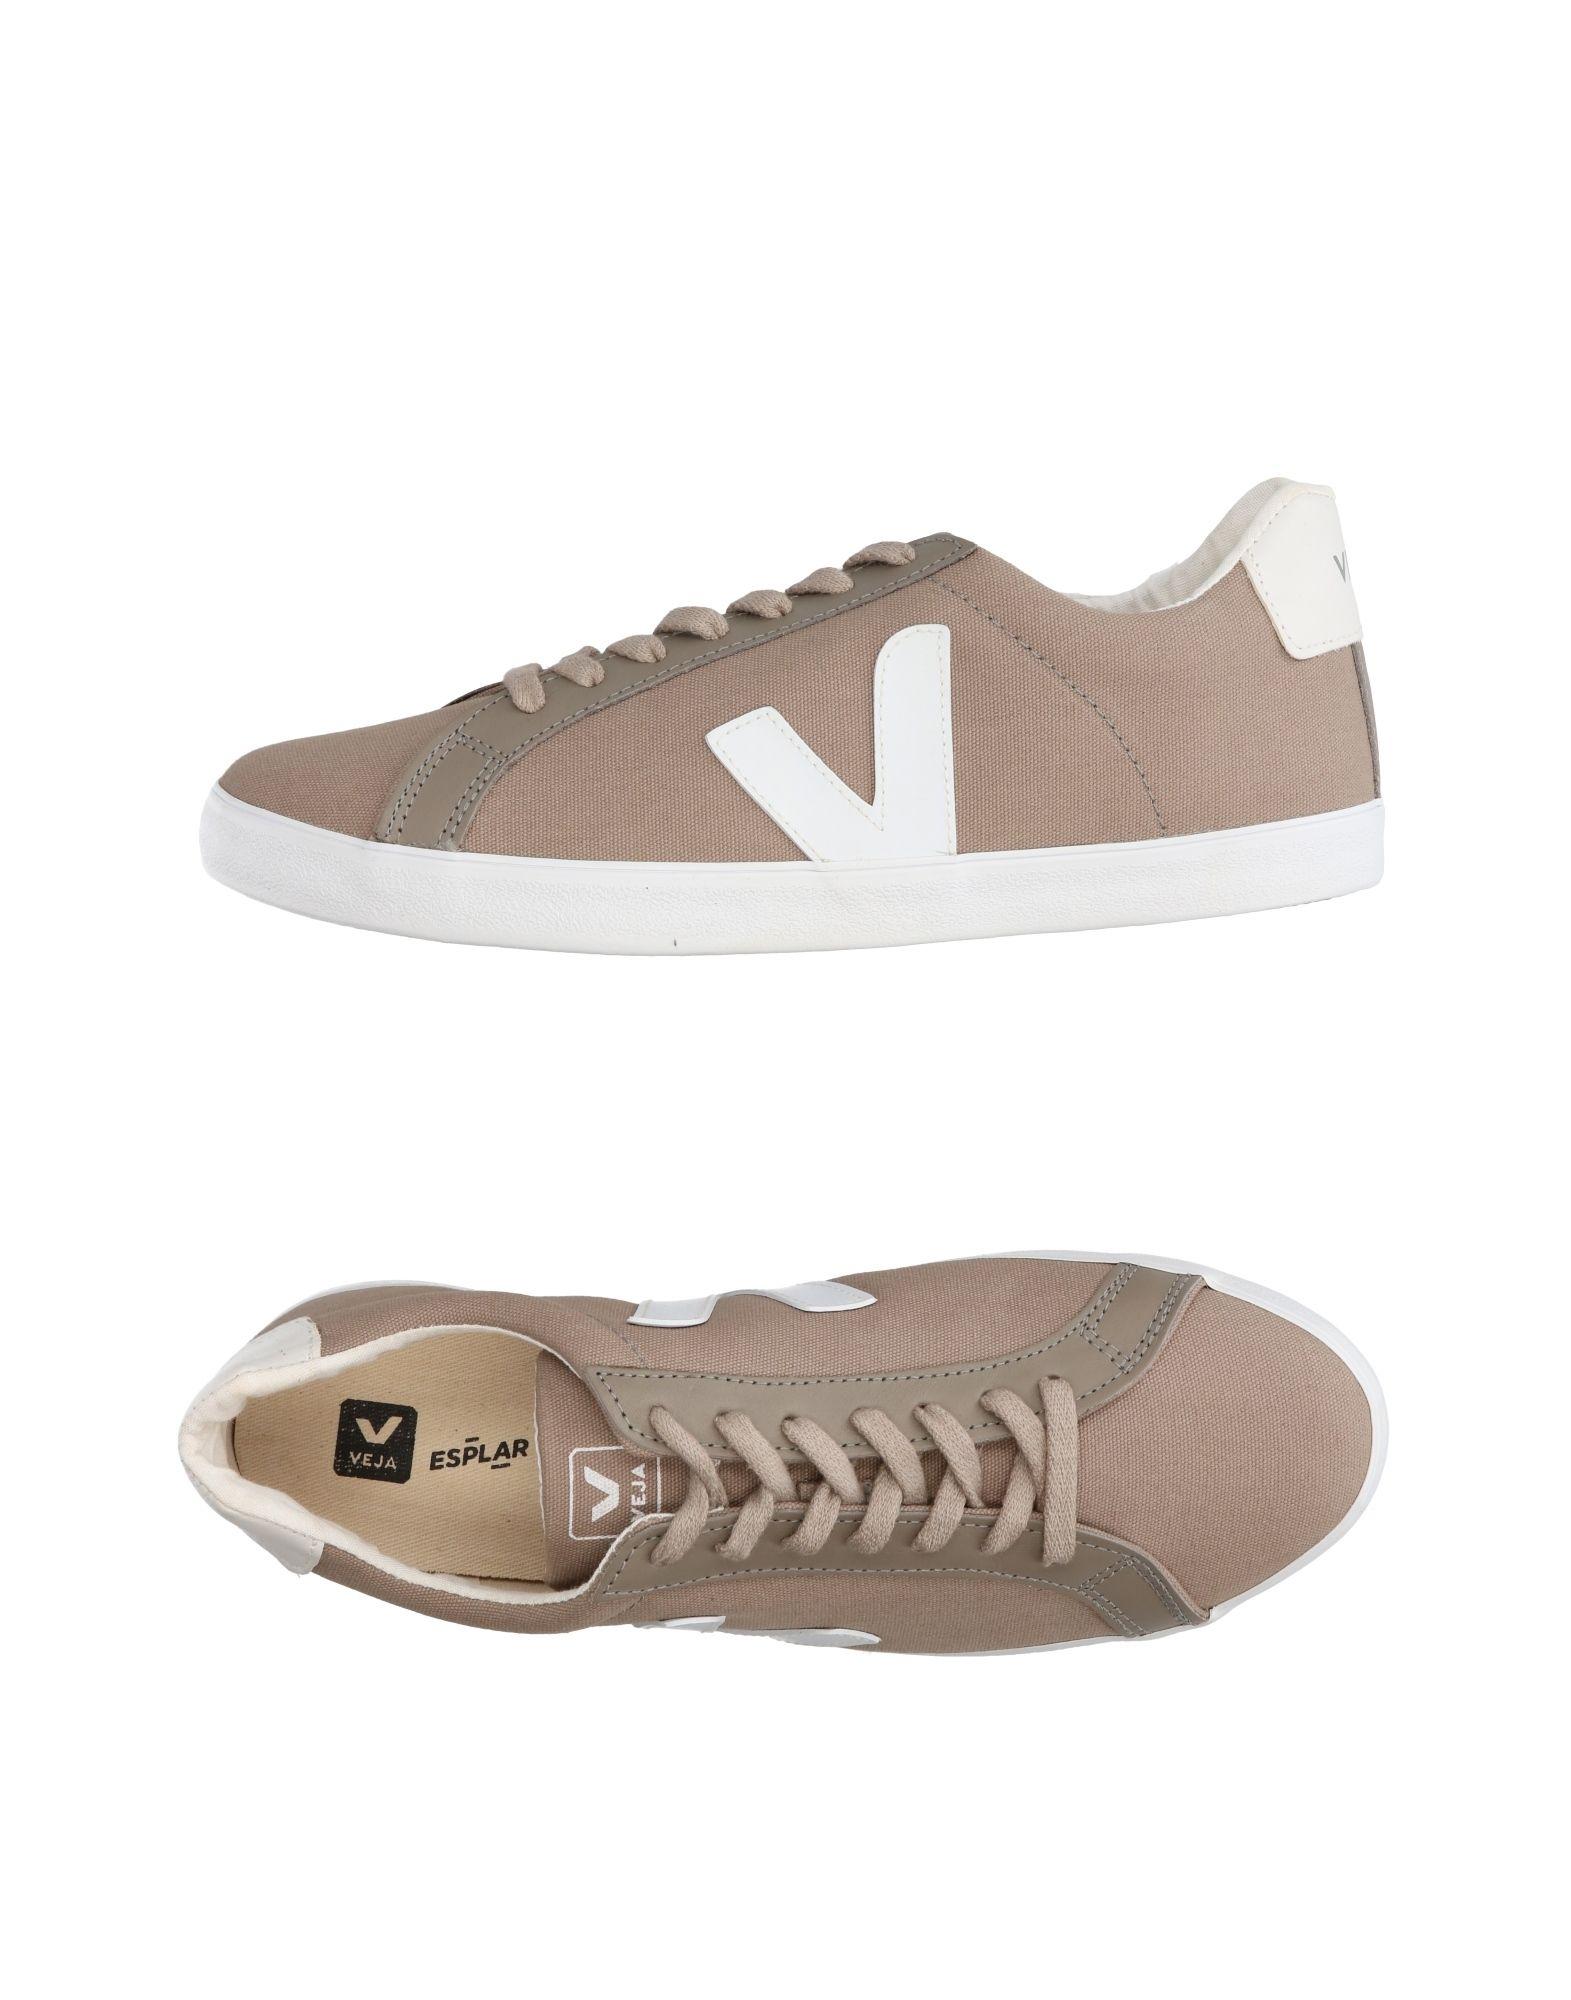 Veja Sneakers  - Men Veja Sneakers online on  Sneakers Canada - 11287005TW 50af0c